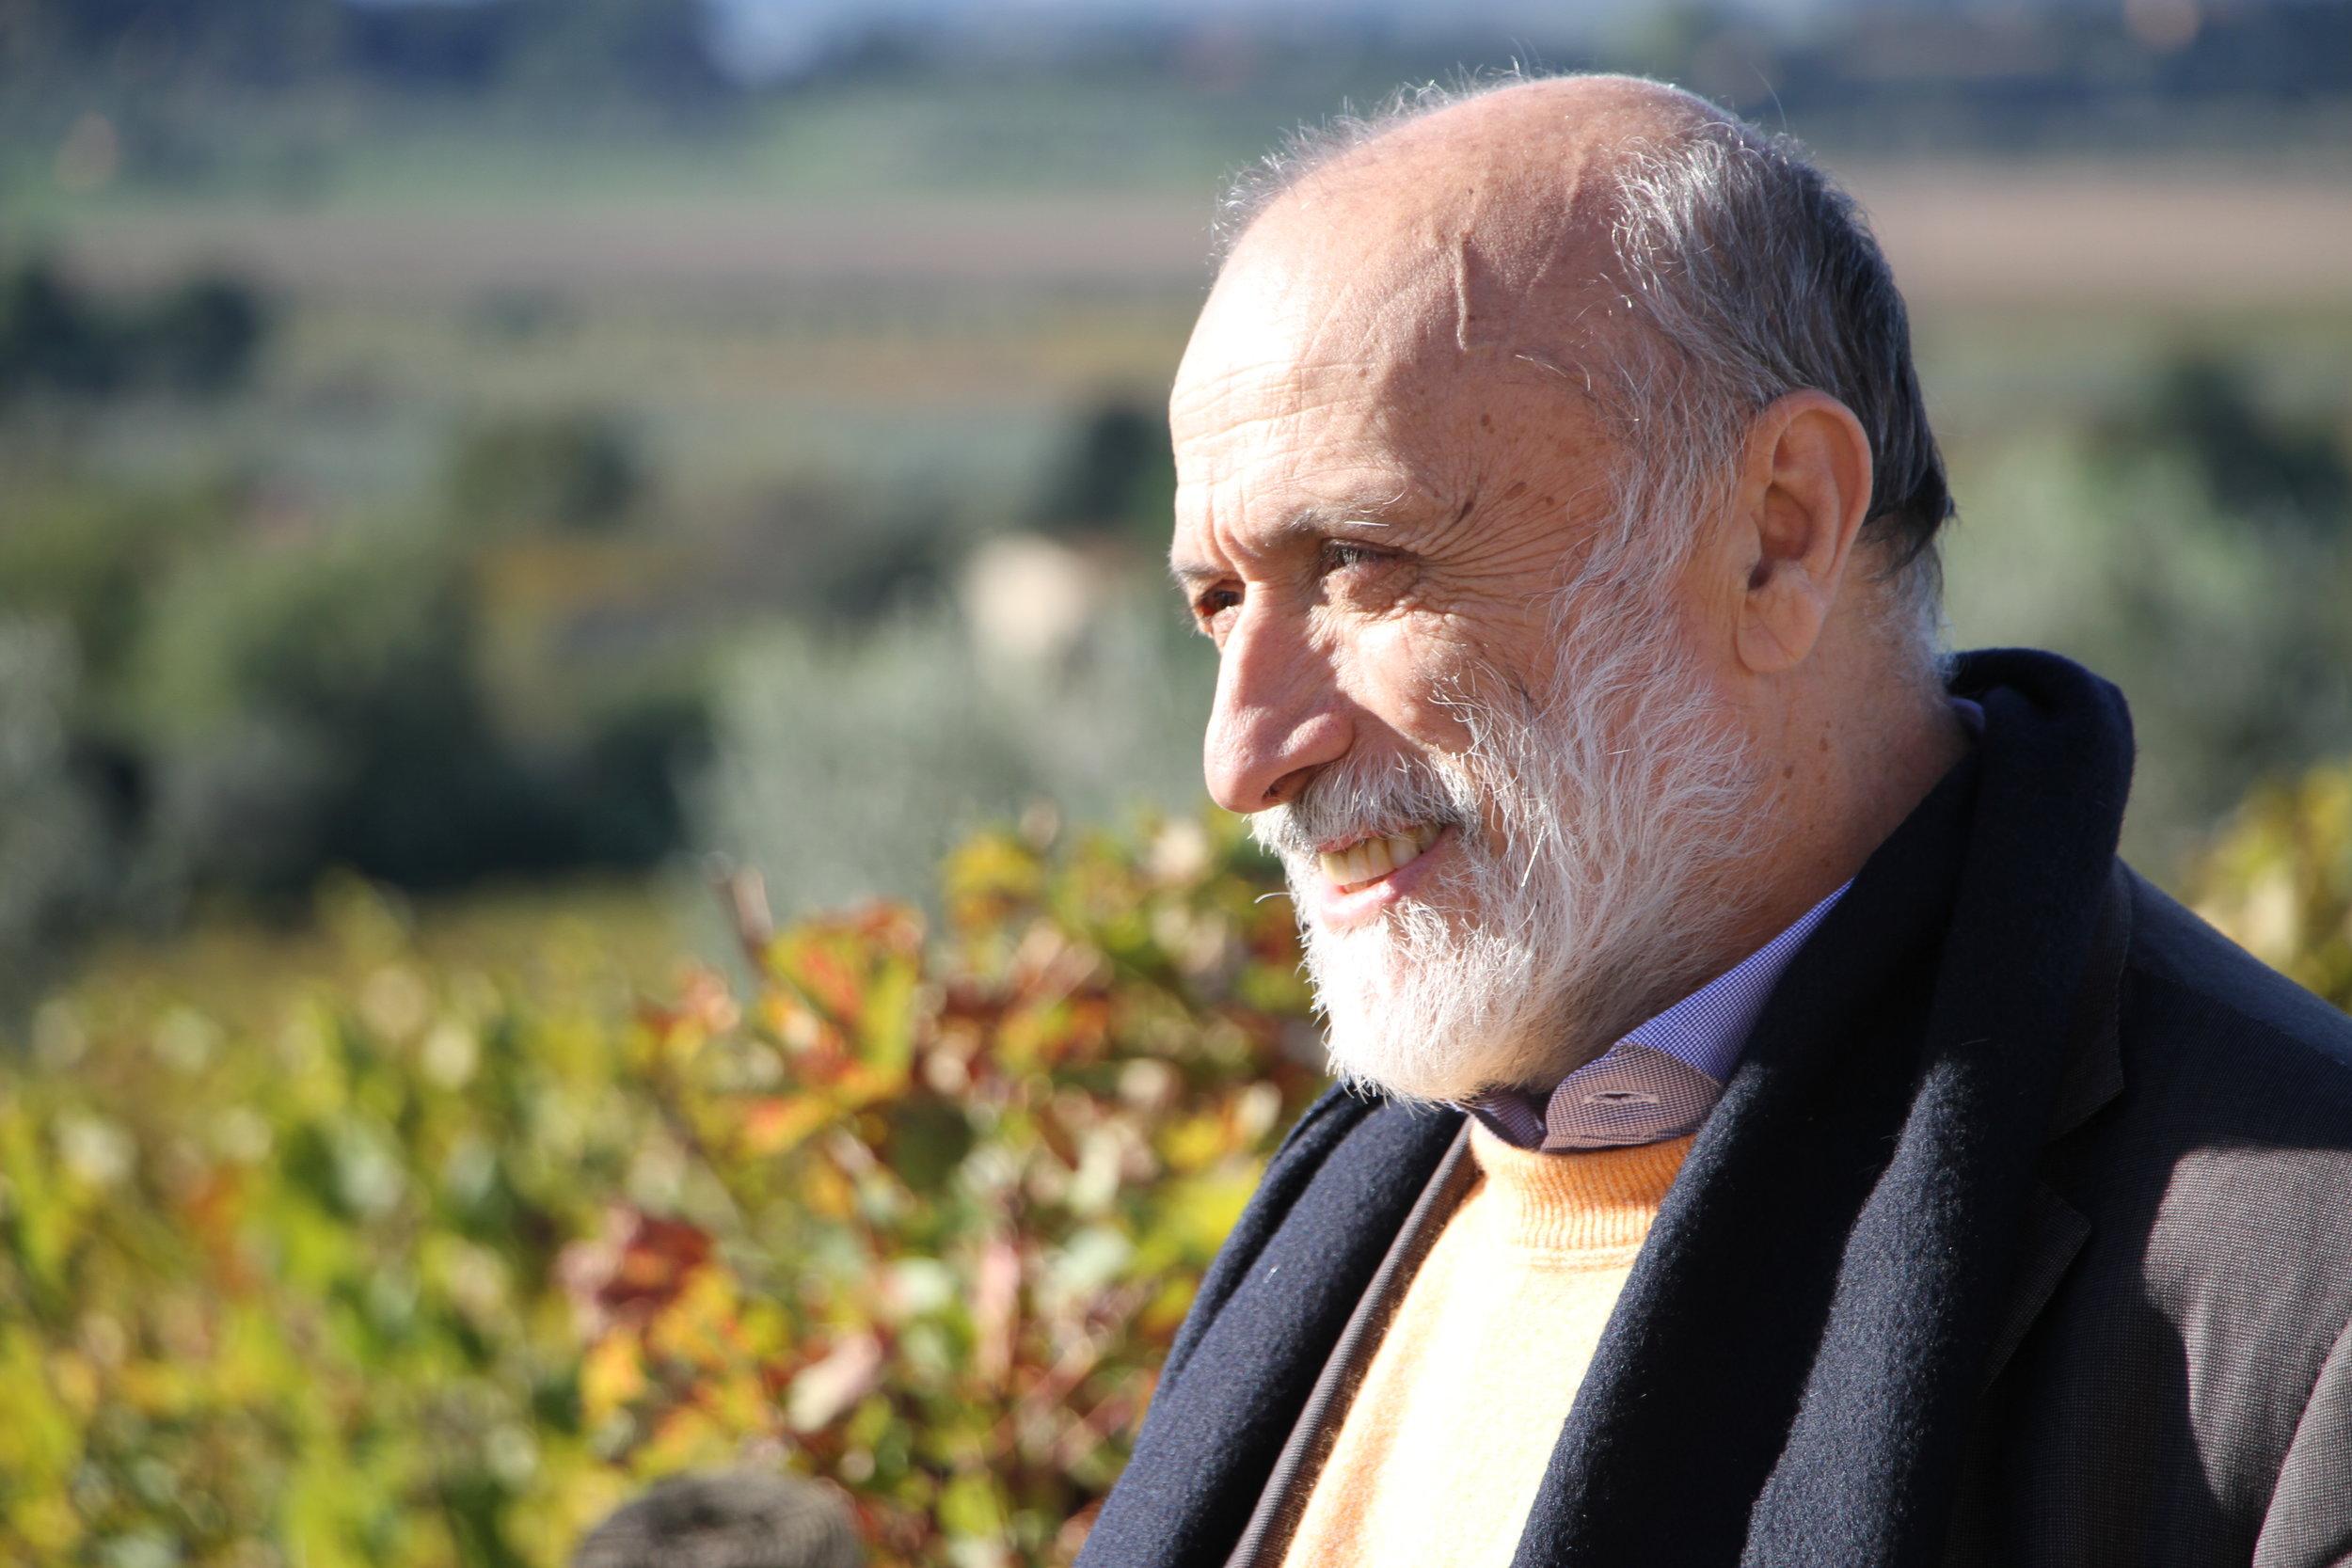 Carlo Petrini (©Ezio Zigliani)